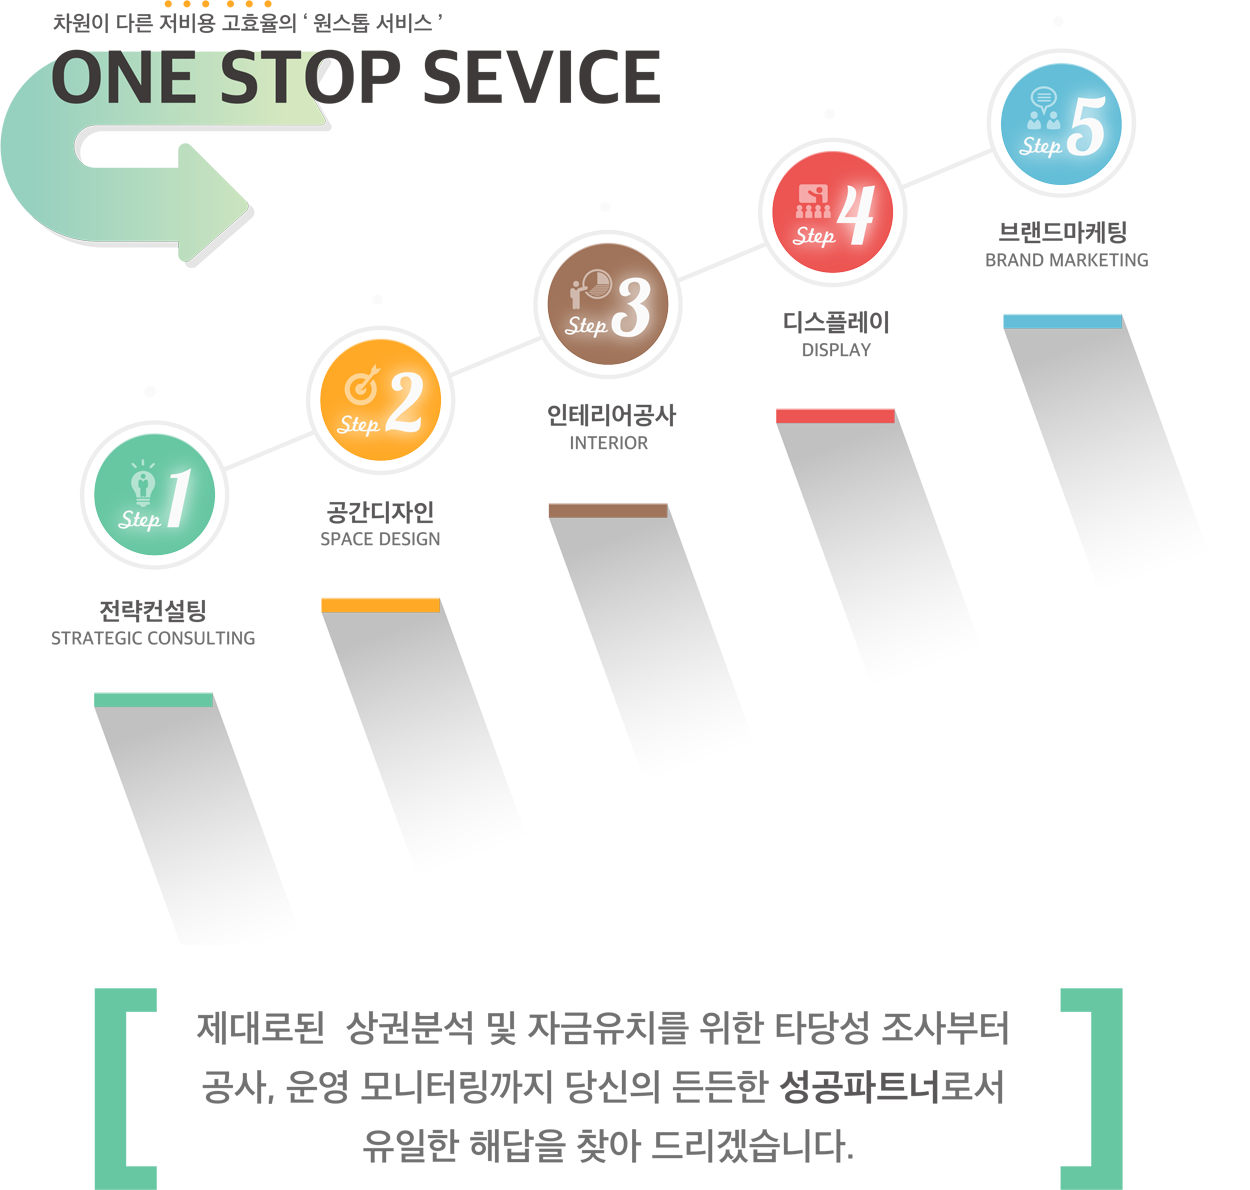 차원이 다른 저비용 고효율의 '원스톱 서비스' ONE STOP SERVICE step 1.전략컨설팅 step 2.공간디자인 step 3.인테리어공사 step 4.디스플레이 step 5.브랜드마케팅